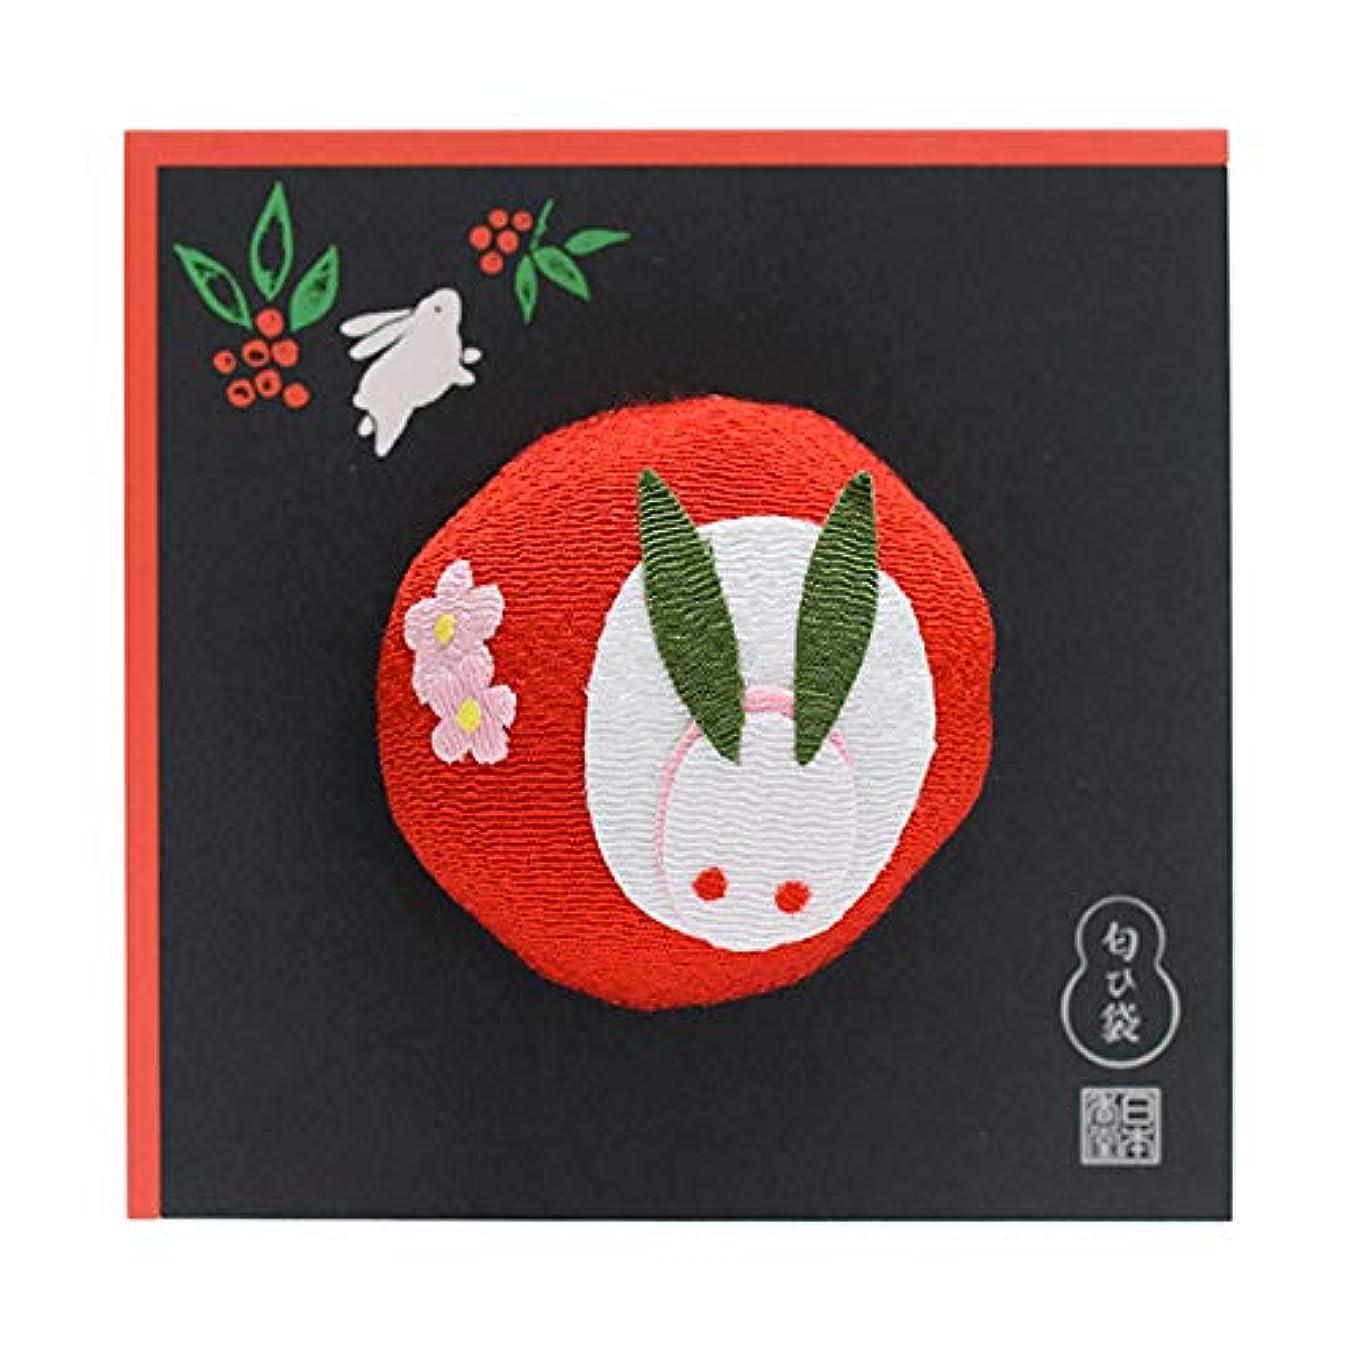 信じられない証明する非常に怒っています日本香堂 香風景 匂ひ袋 南天うさぎ